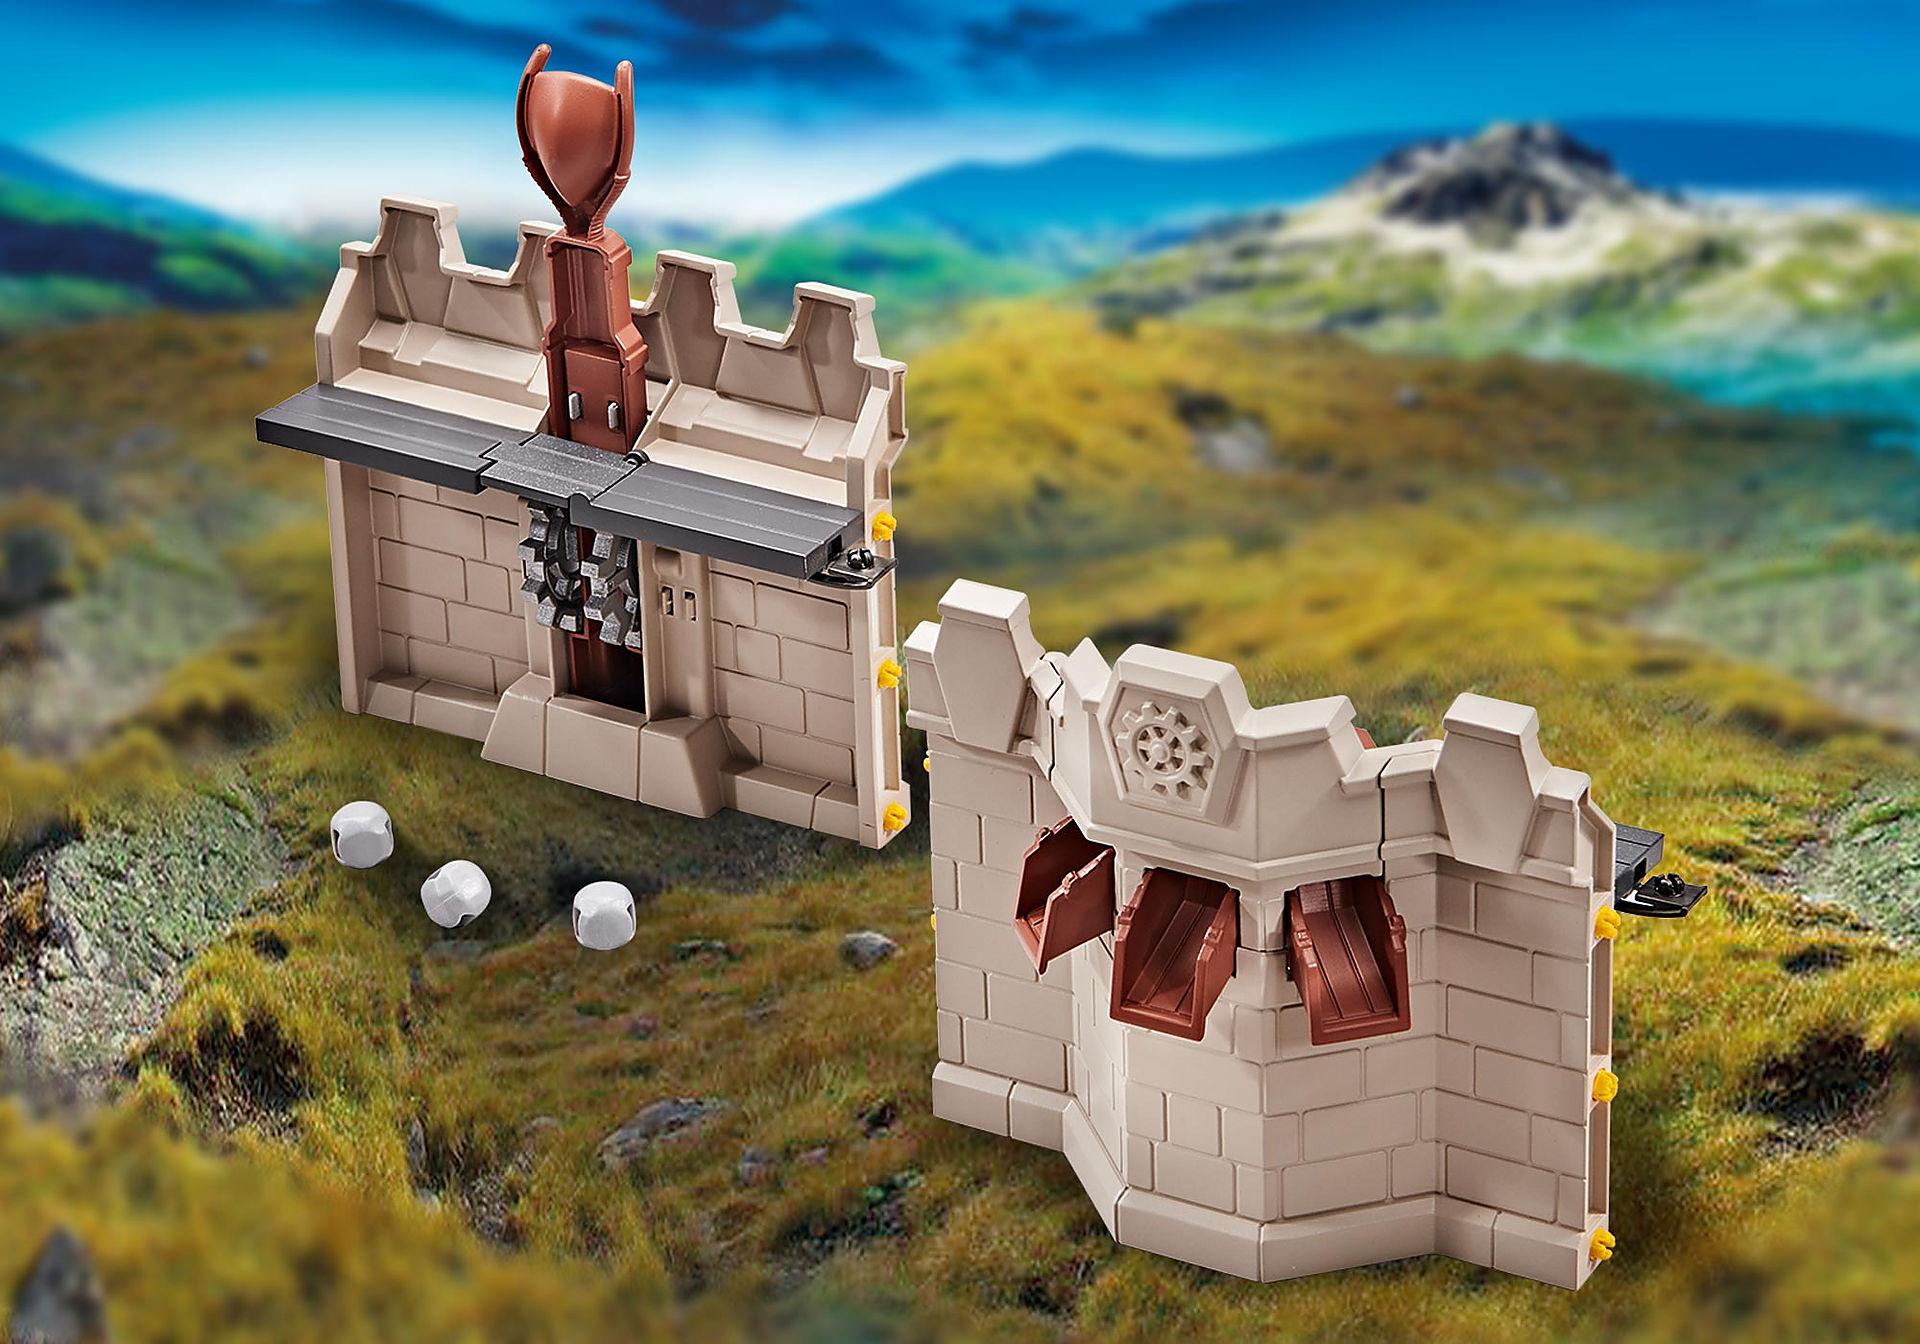 9839 Fal bővítmény katapulttal Novelmore várához zoom image1